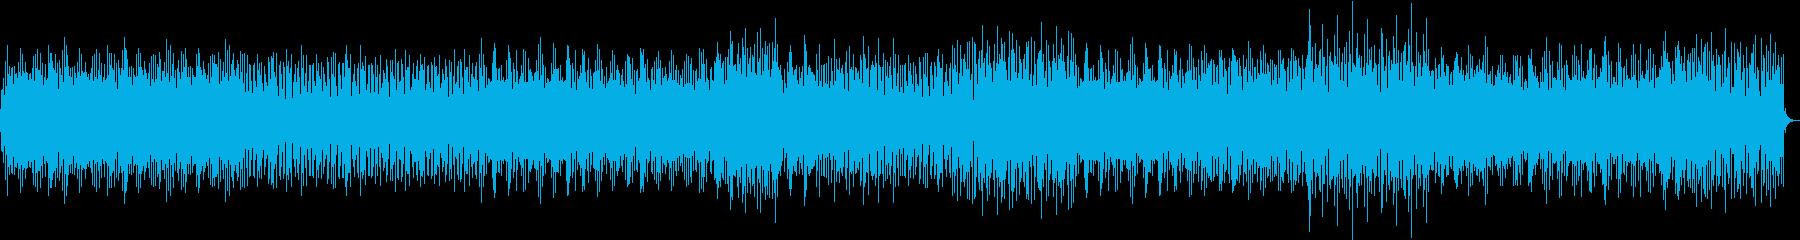 16BeatのTablaに載せたテクノ調の再生済みの波形